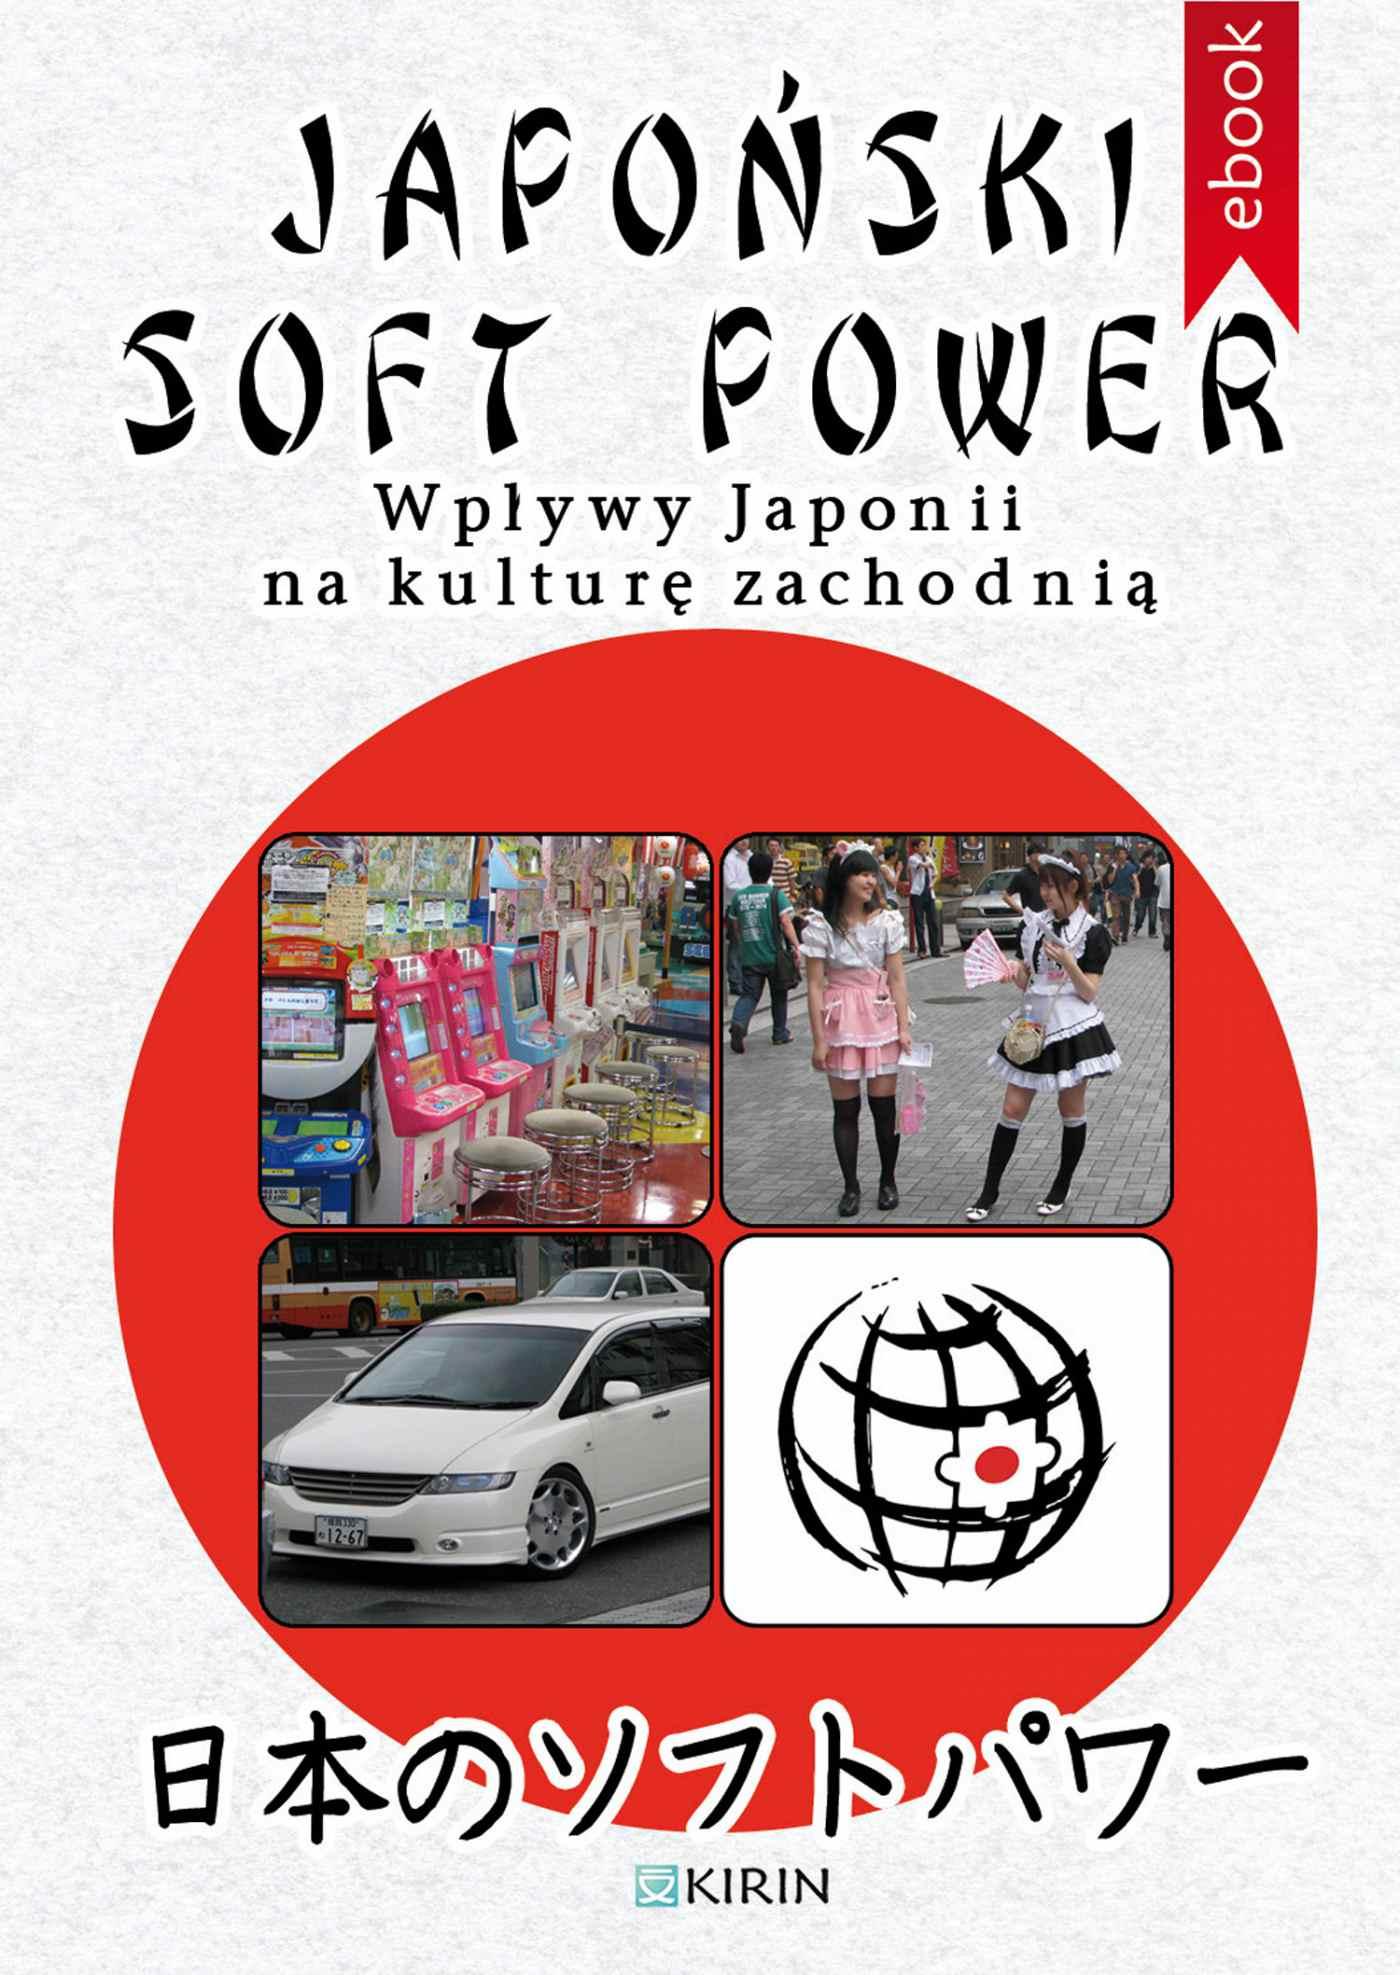 Japoński soft power. Wpływy Japonii na kulturę zachodnią - Ebook (Książka na Kindle) do pobrania w formacie MOBI